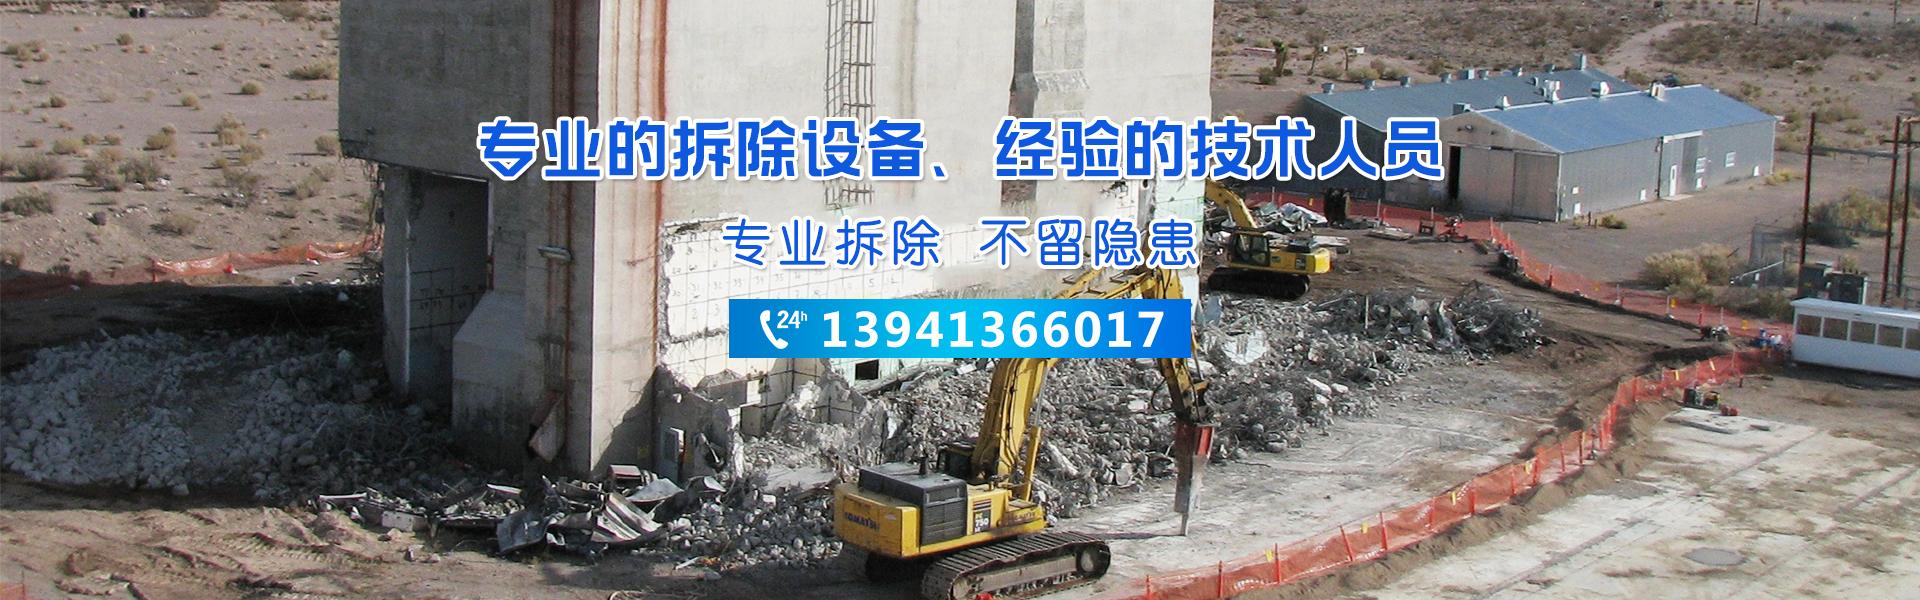 辽宁路达再生资源有限公司